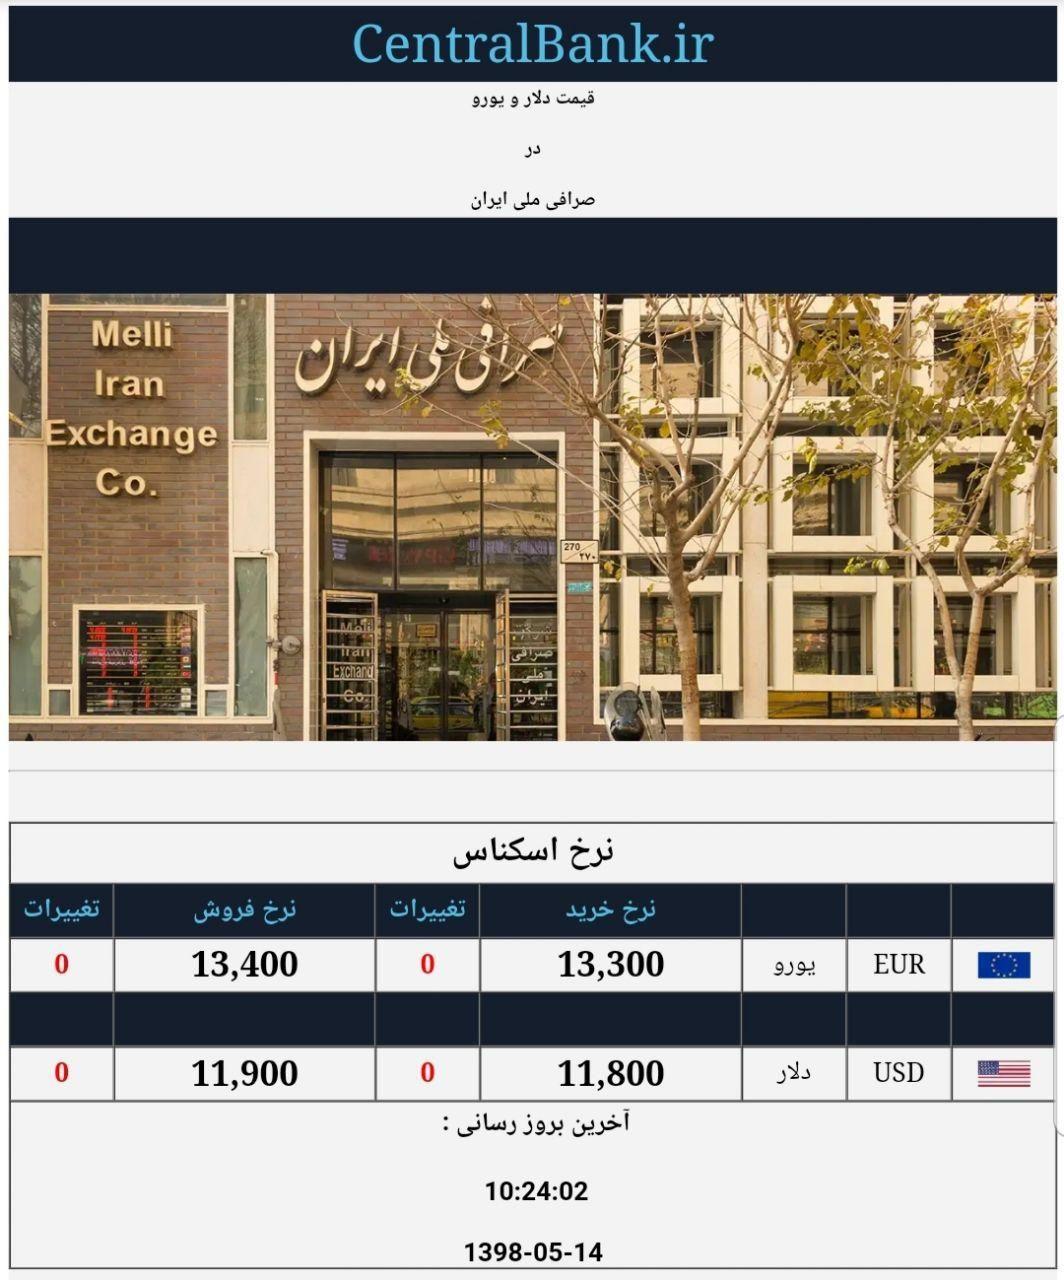 قیمت دلار و یورو در صرافی ملی امروز ۱۳۹۸/۰۵/۱۴| دلار همچنان در کانال ۱۱ هزار تومان